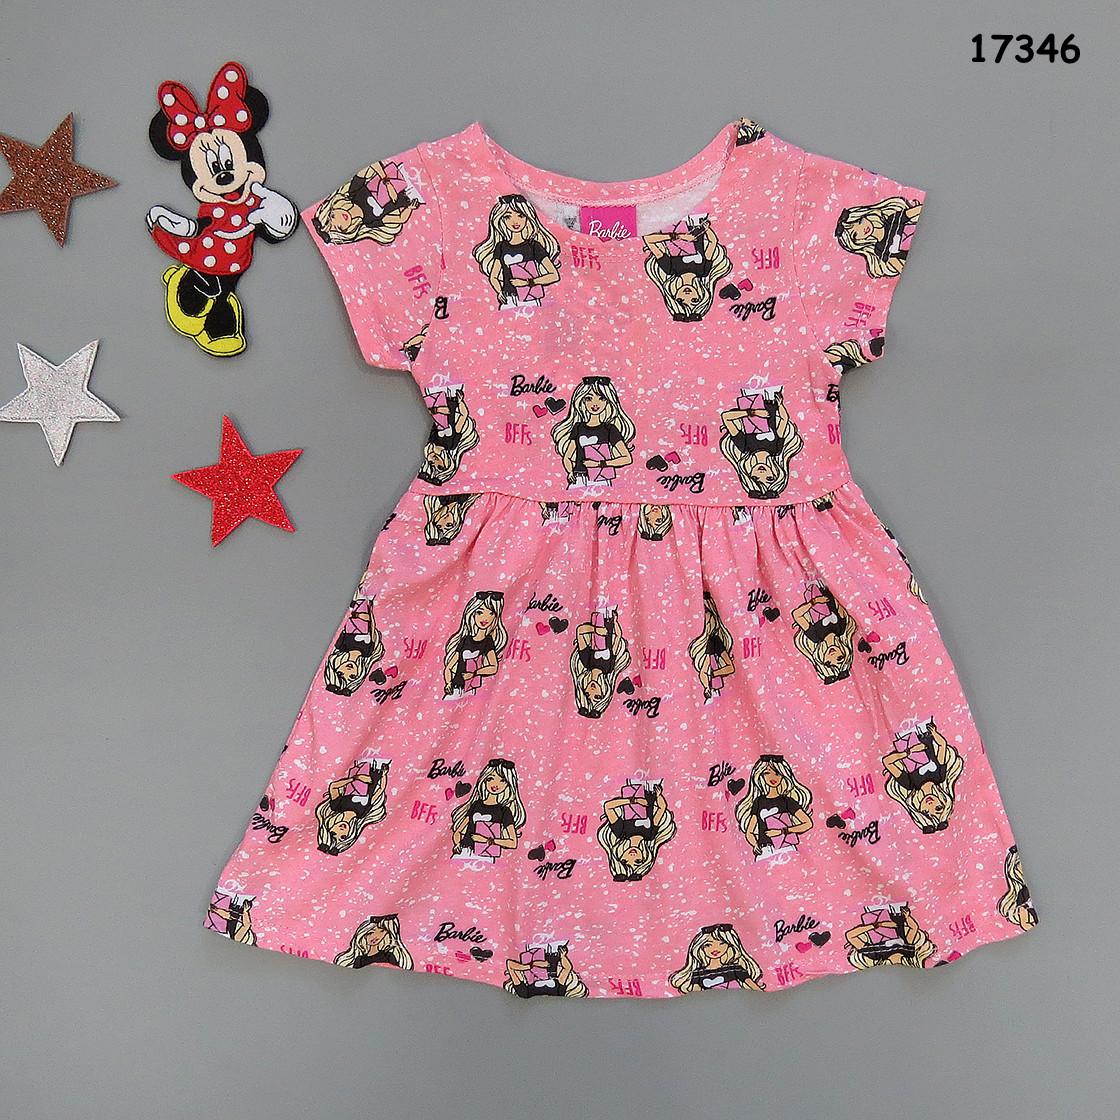 e36da14b41d4807 Летнее платье Barbie для девочки. 1, 2, 4 года, цена 83,80 грн ...